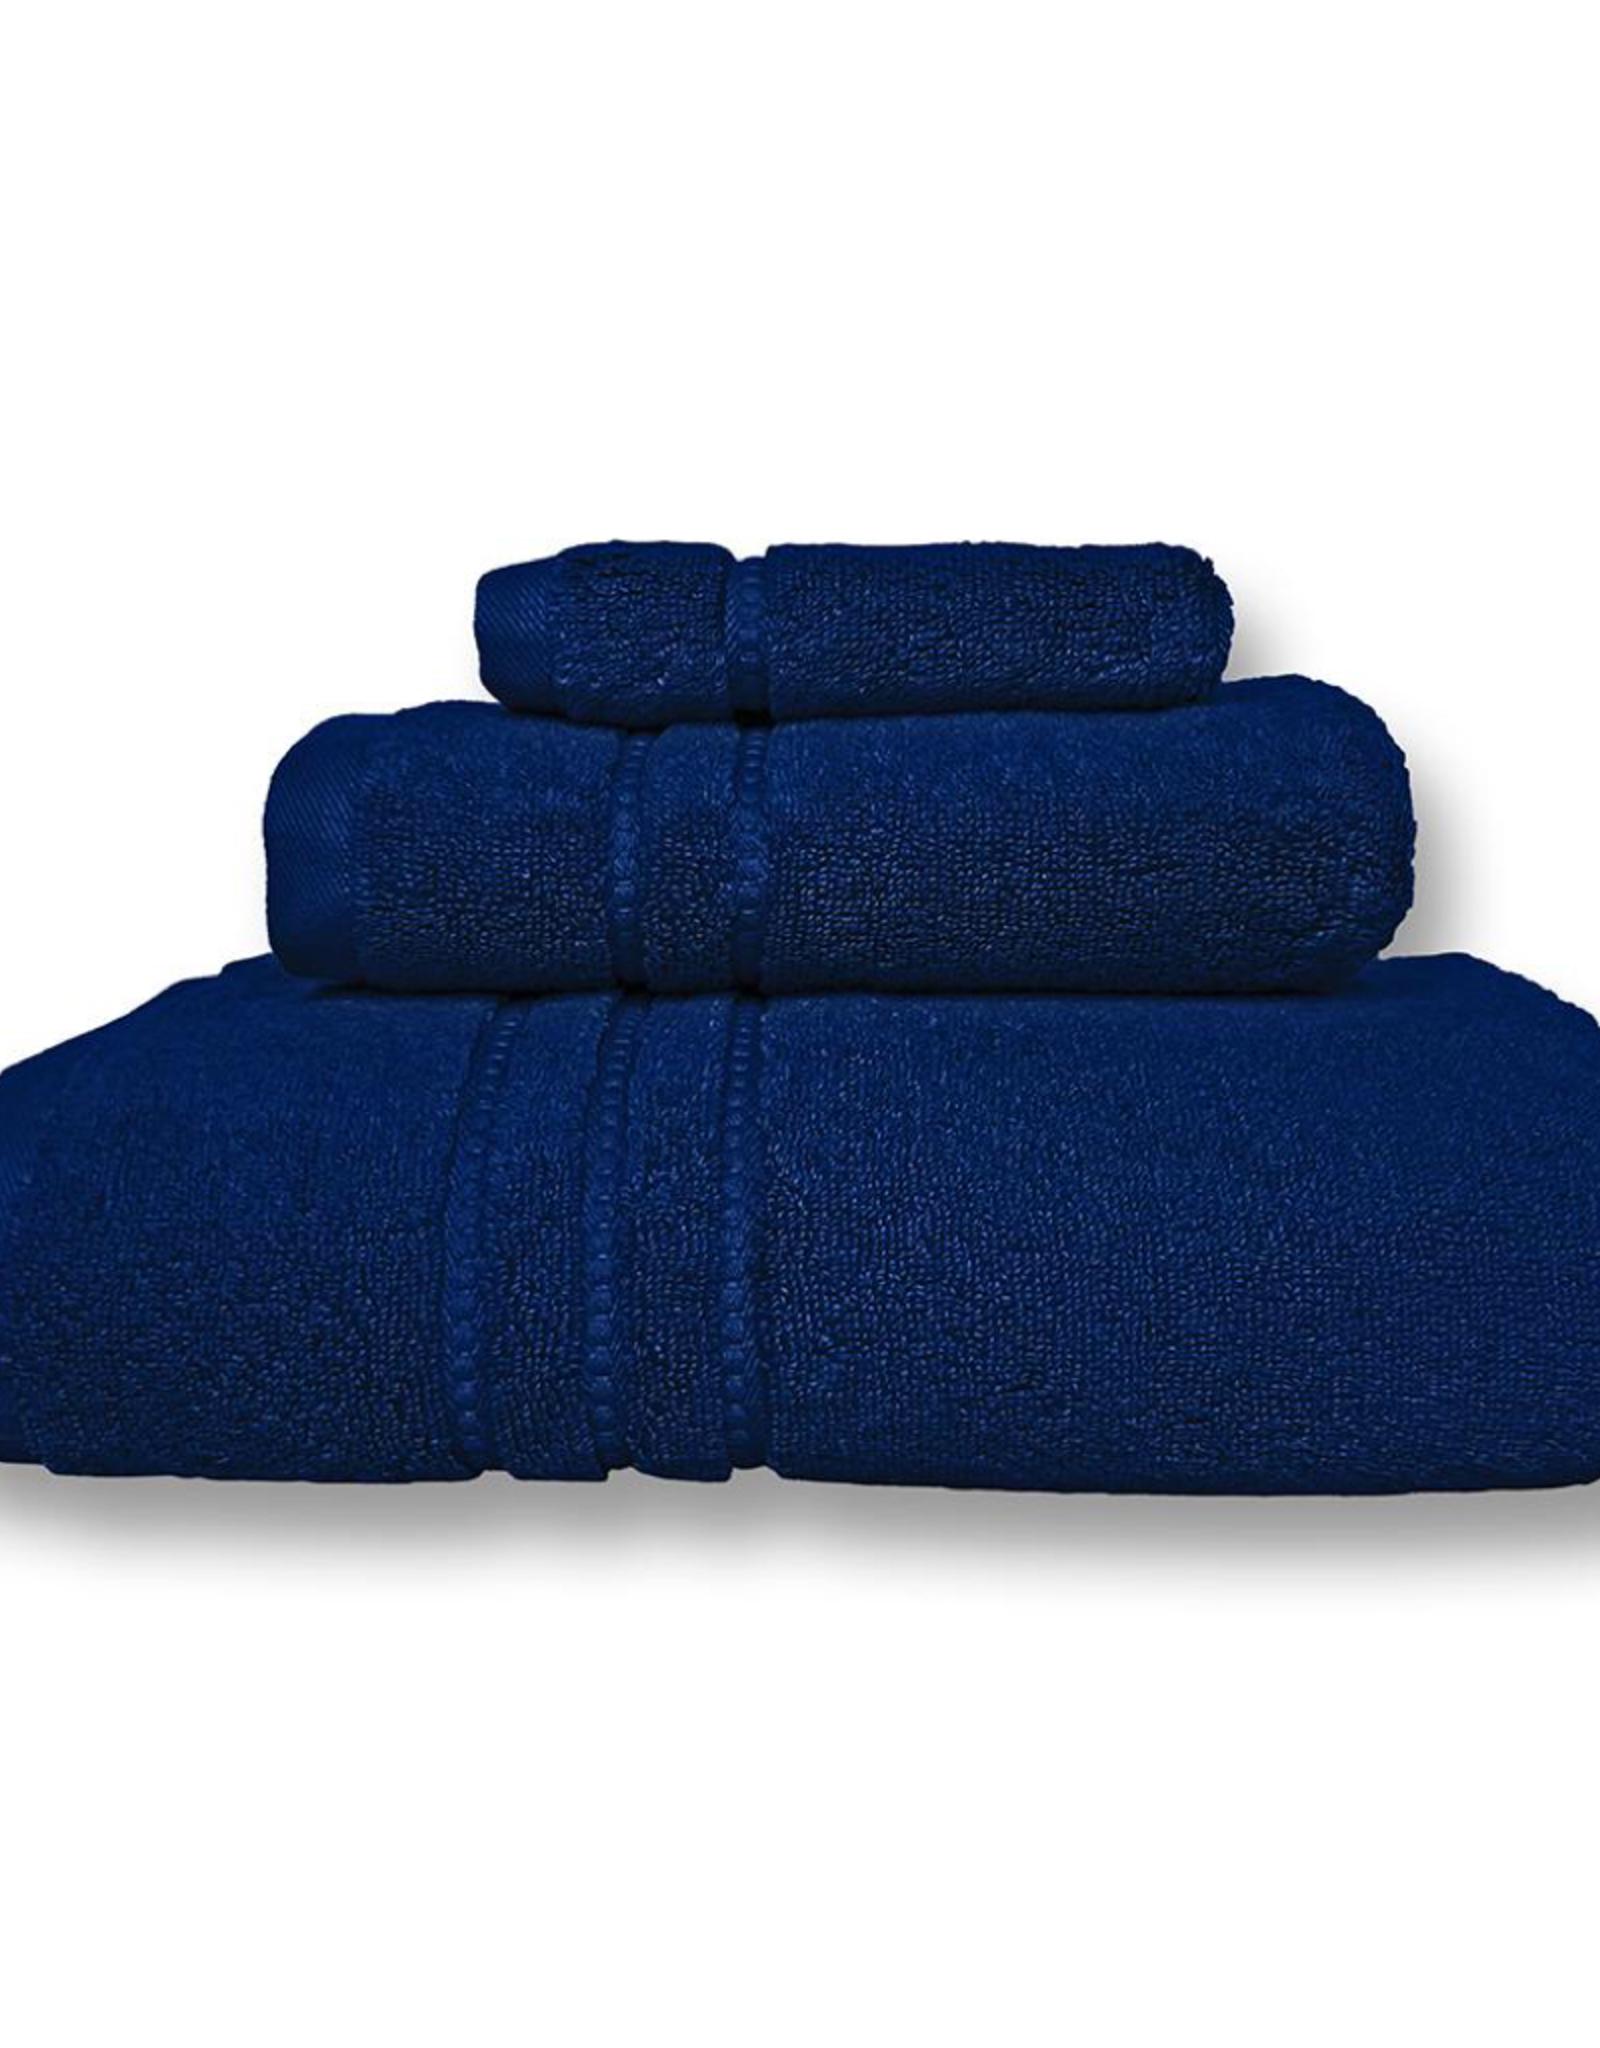 Cuddle Down Bath Towel Cuddledown Portofino Marine 49